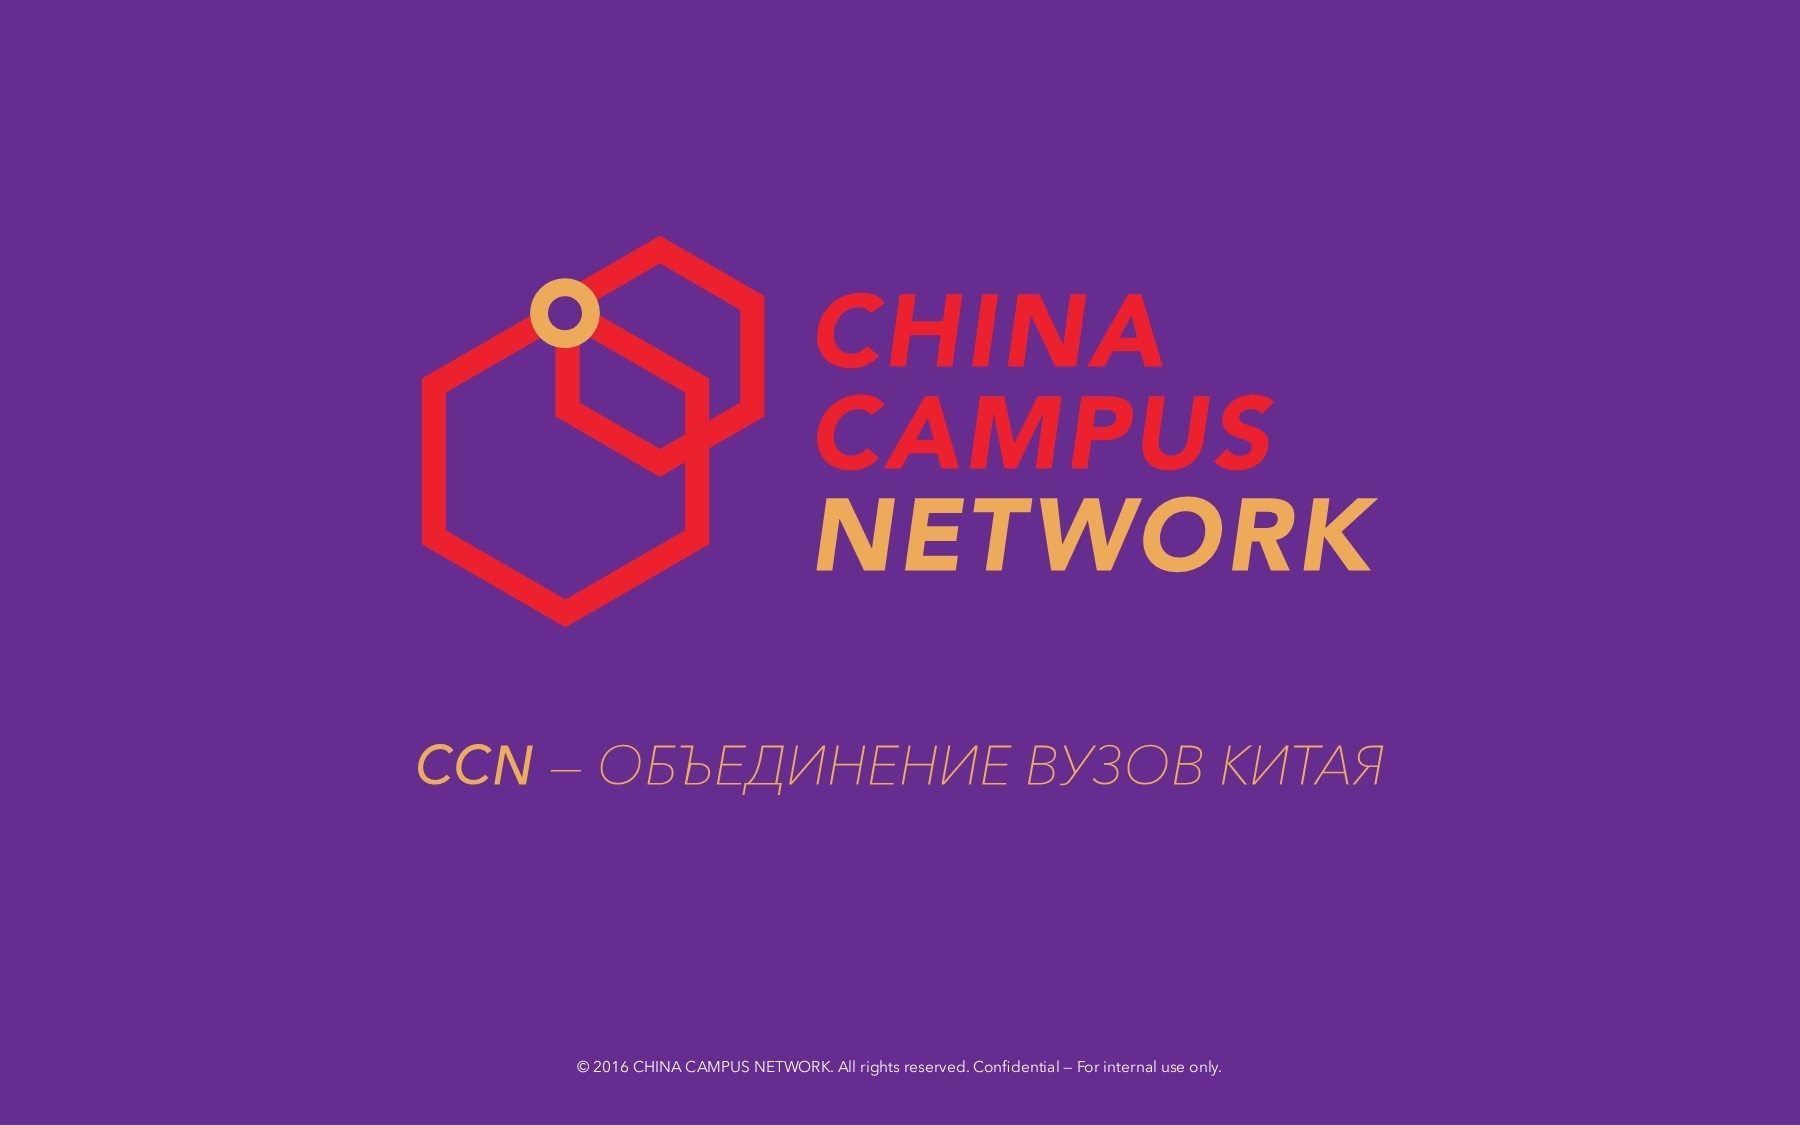 Уже 4 Московские школы официальные партнеры CCN Россия